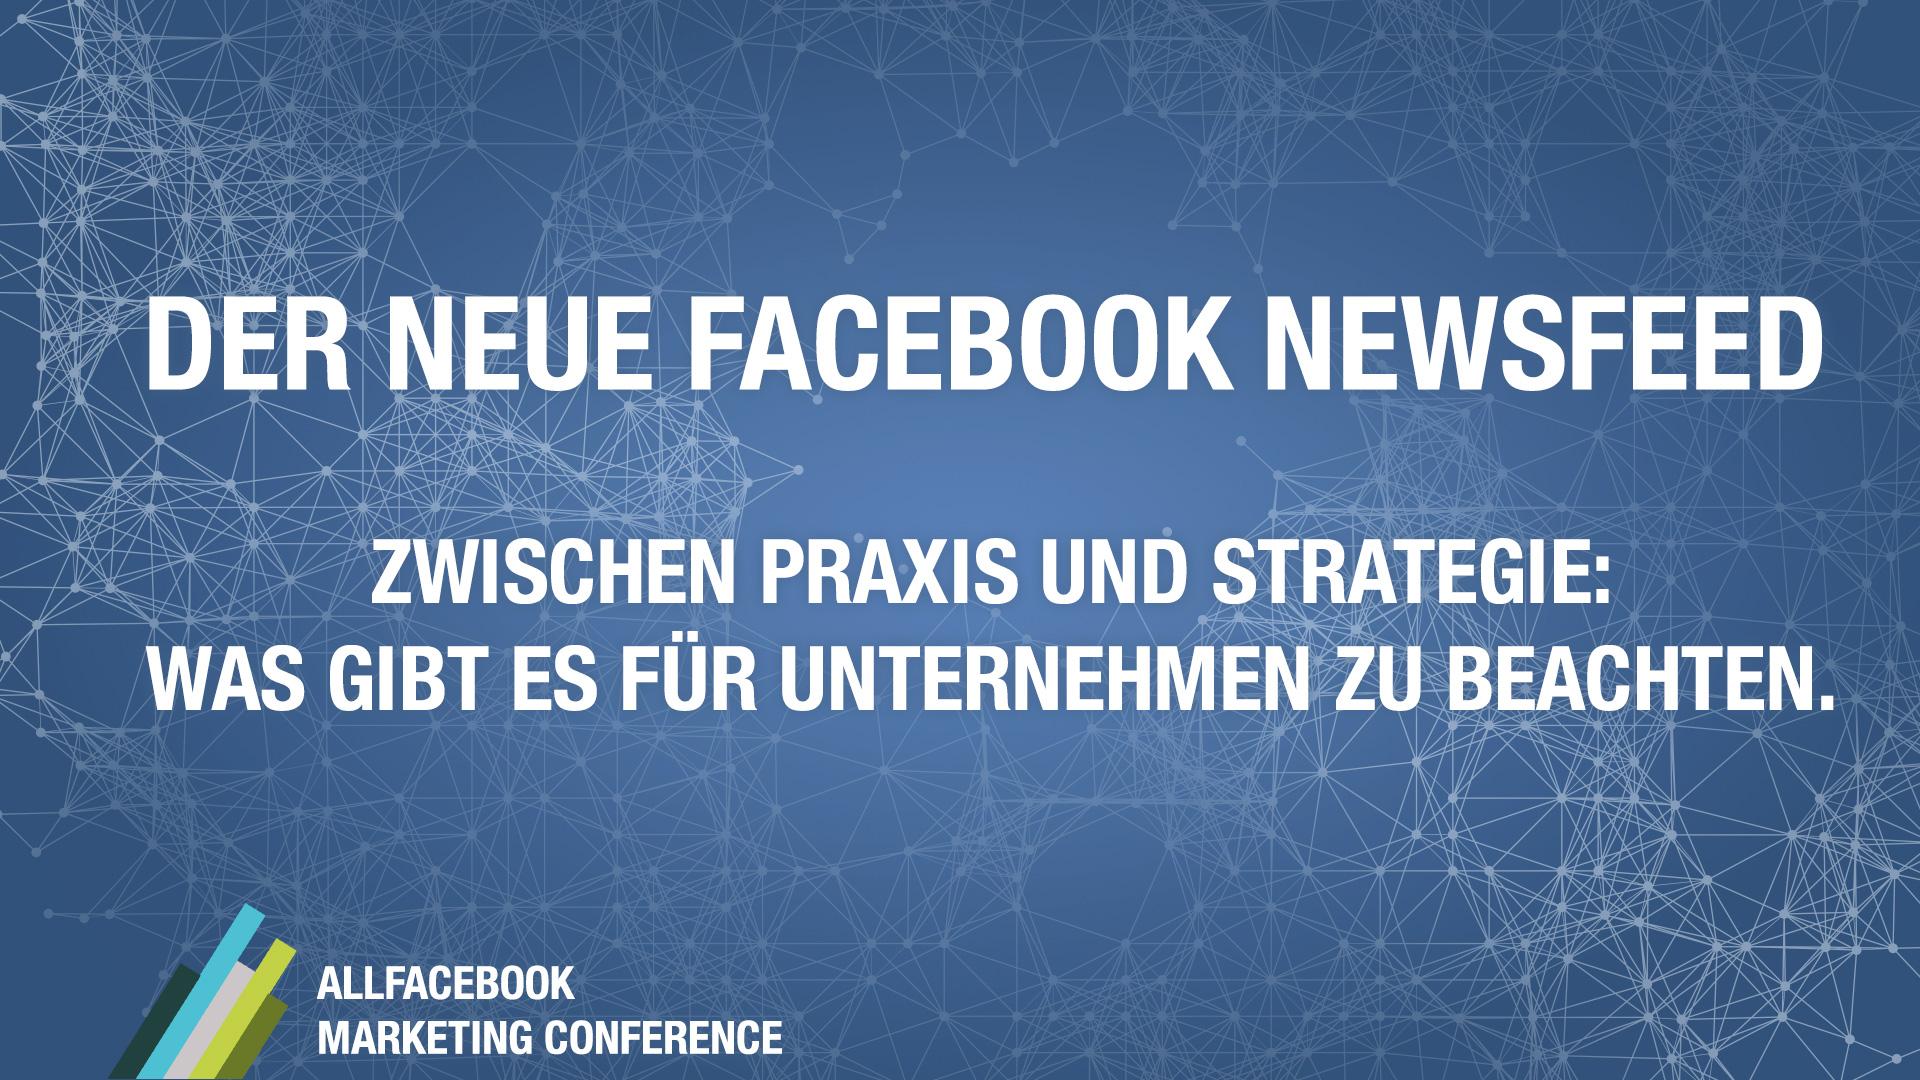 Der neue Facebook Newsfeed – Zwischen Praxis und Strategie @ AllFacebook Marketing Conference